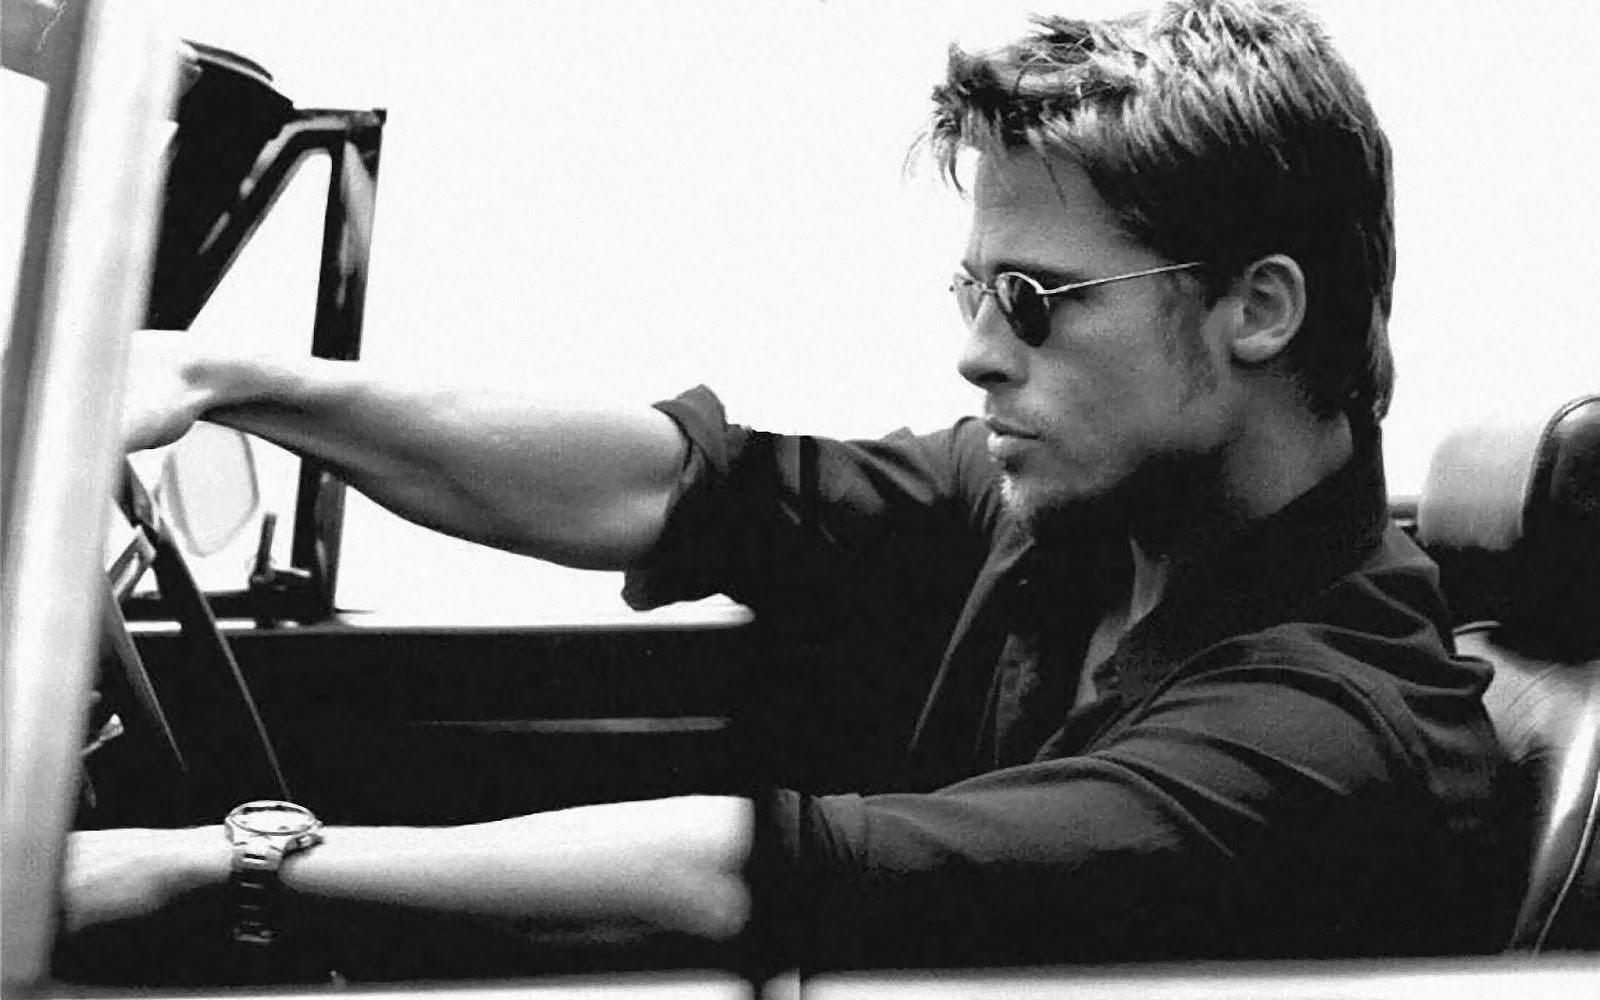 Brad-Pitt-pictures-desktop-Wallpapers.jpg